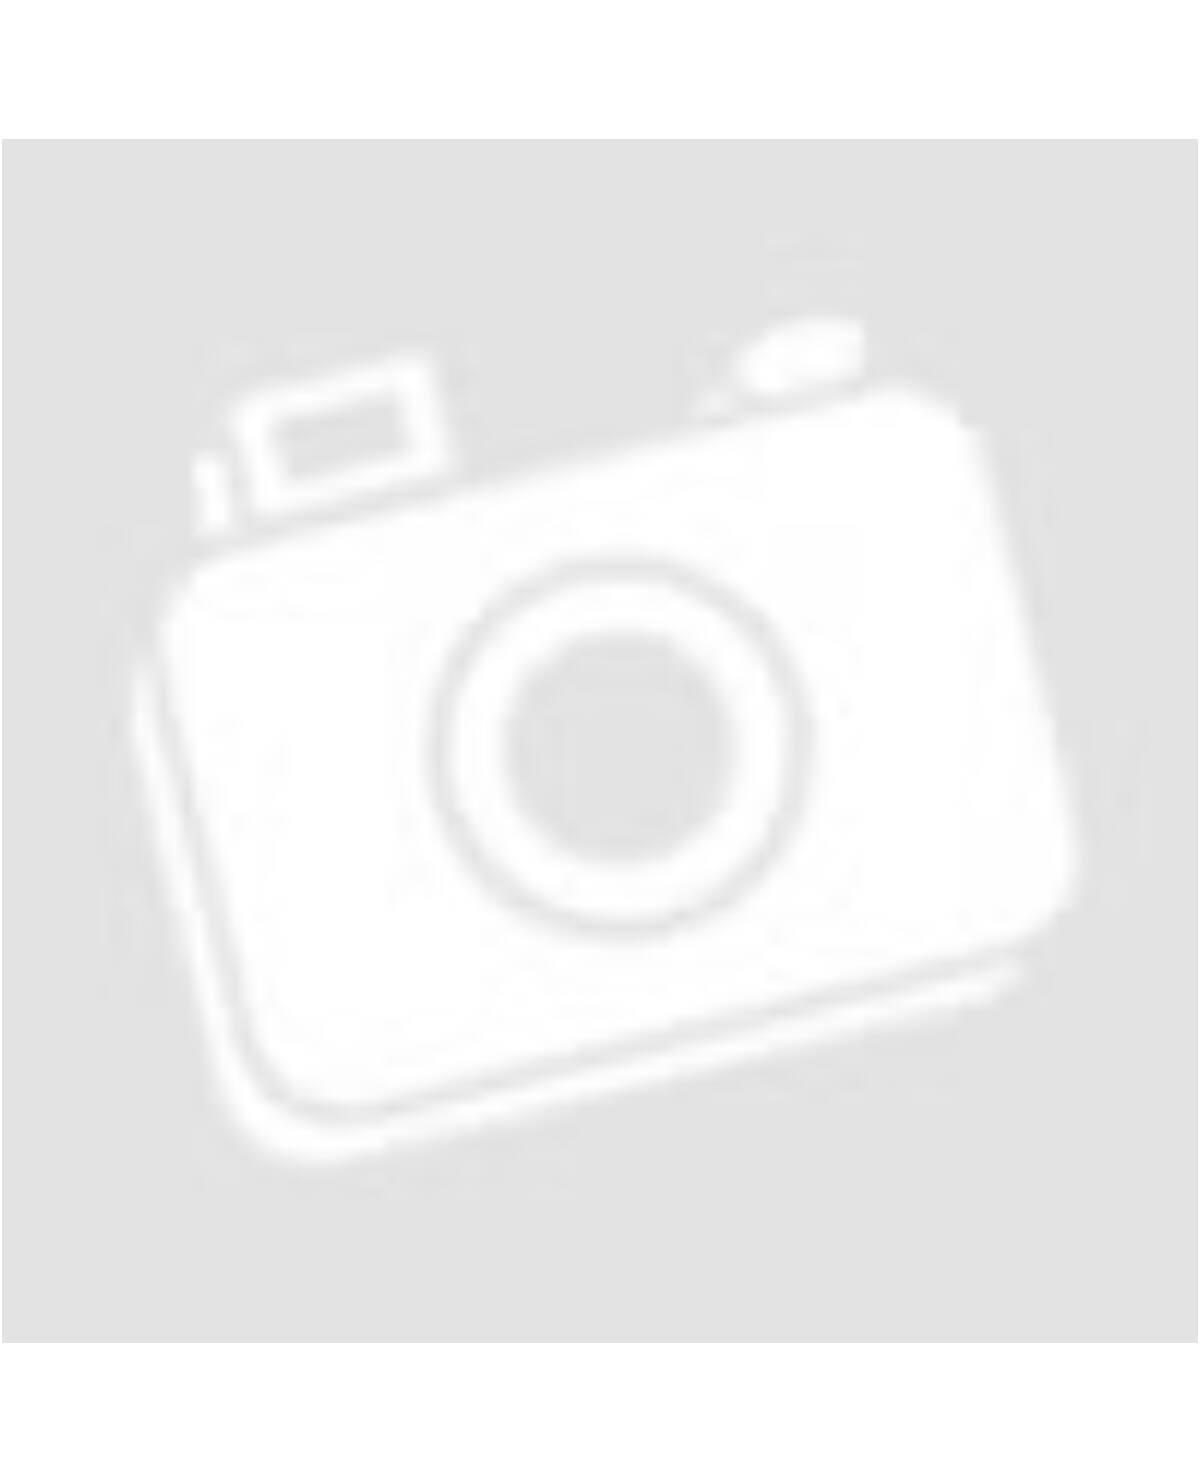 f0de78880b Fekete póló fehér felirattal női - Penta Shop